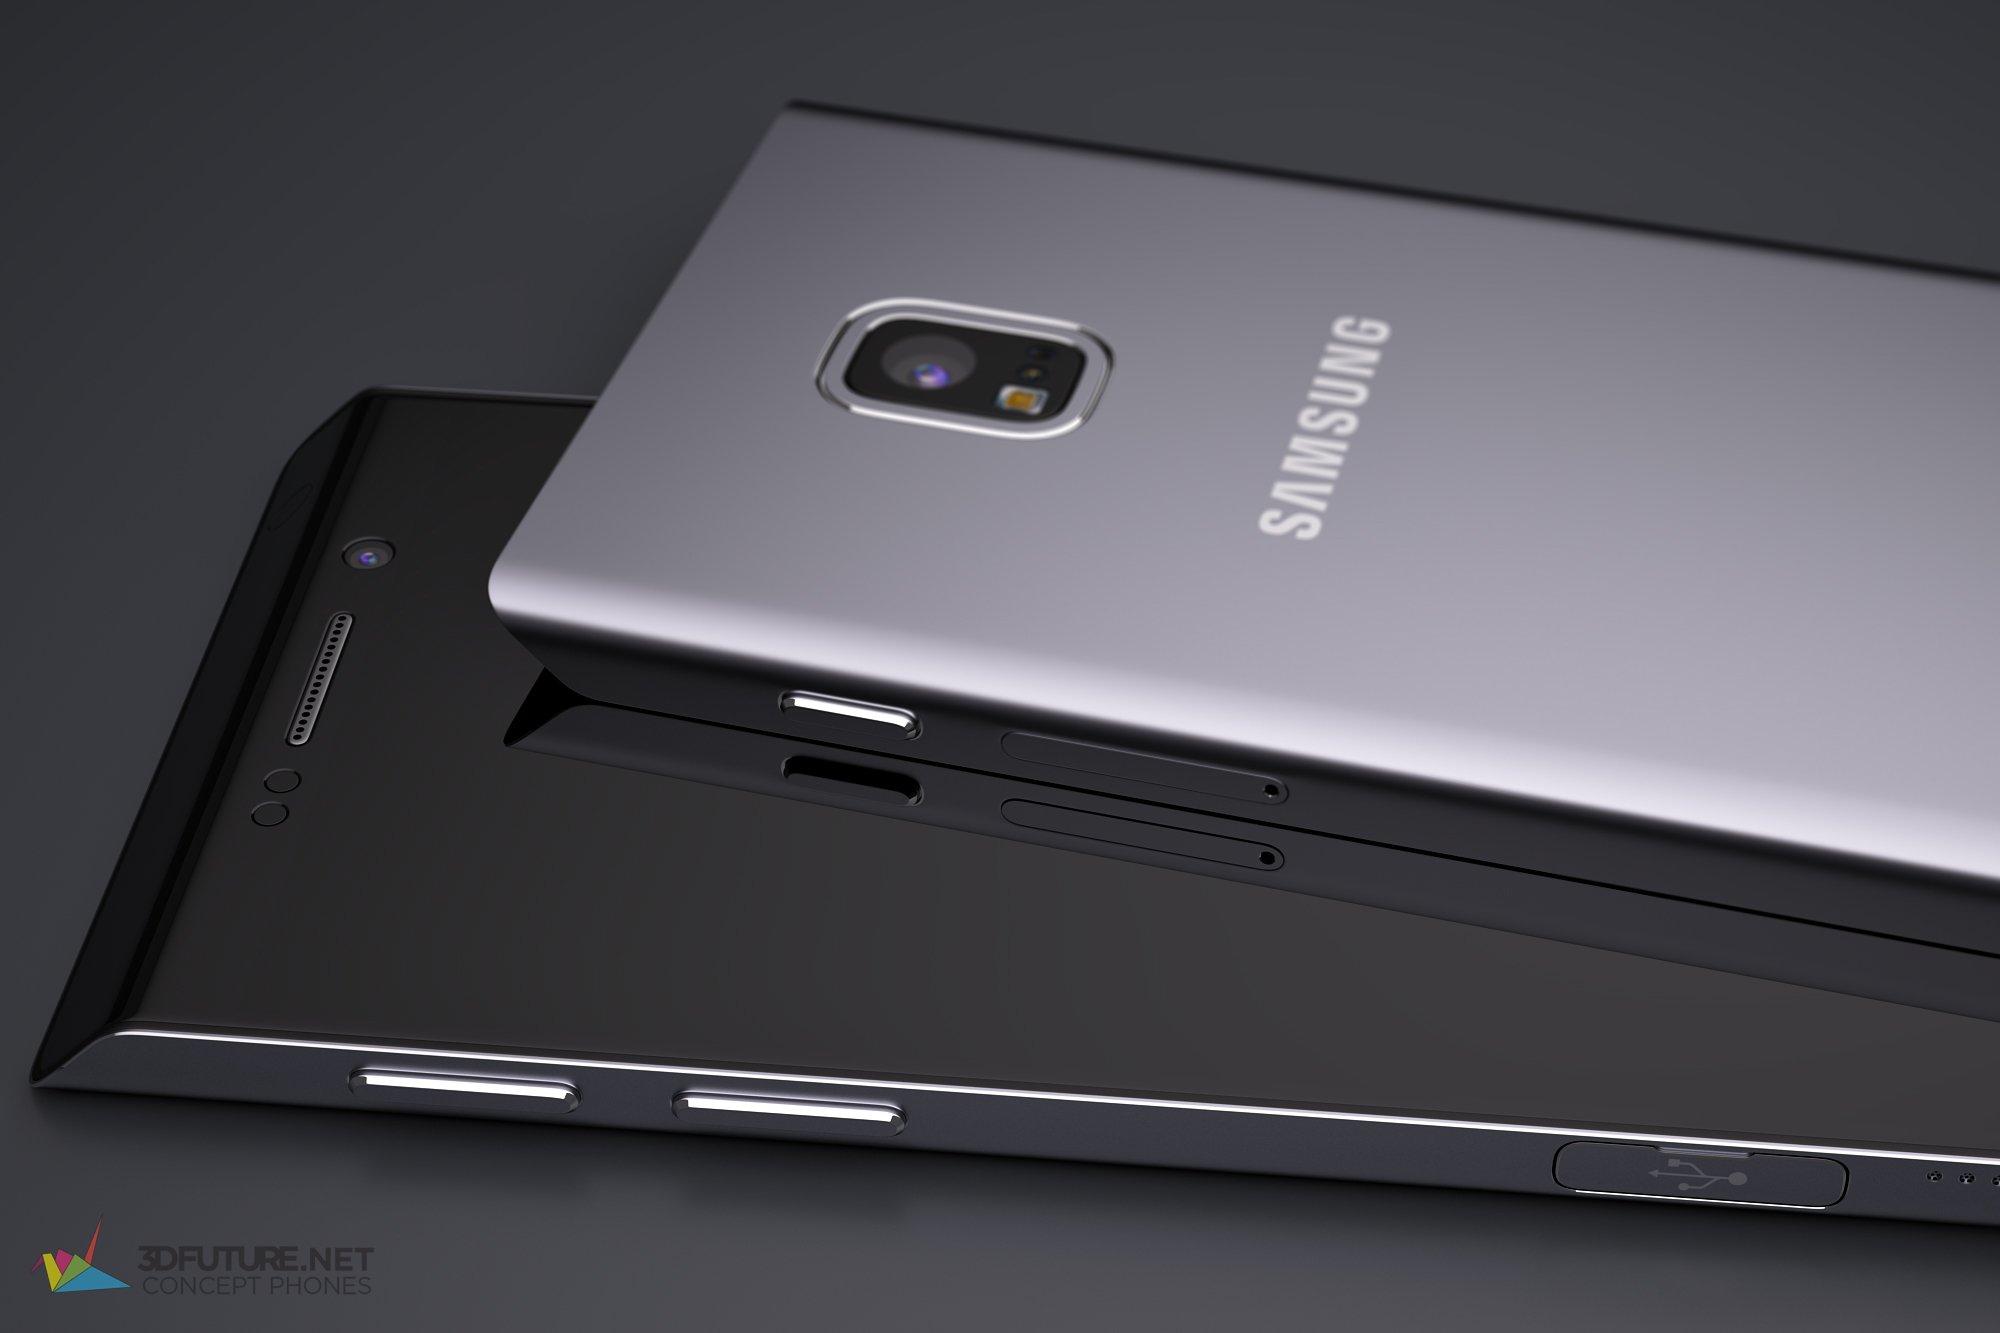 Galaxy S7 e S7 Edge: batteria più capiente e waterproof